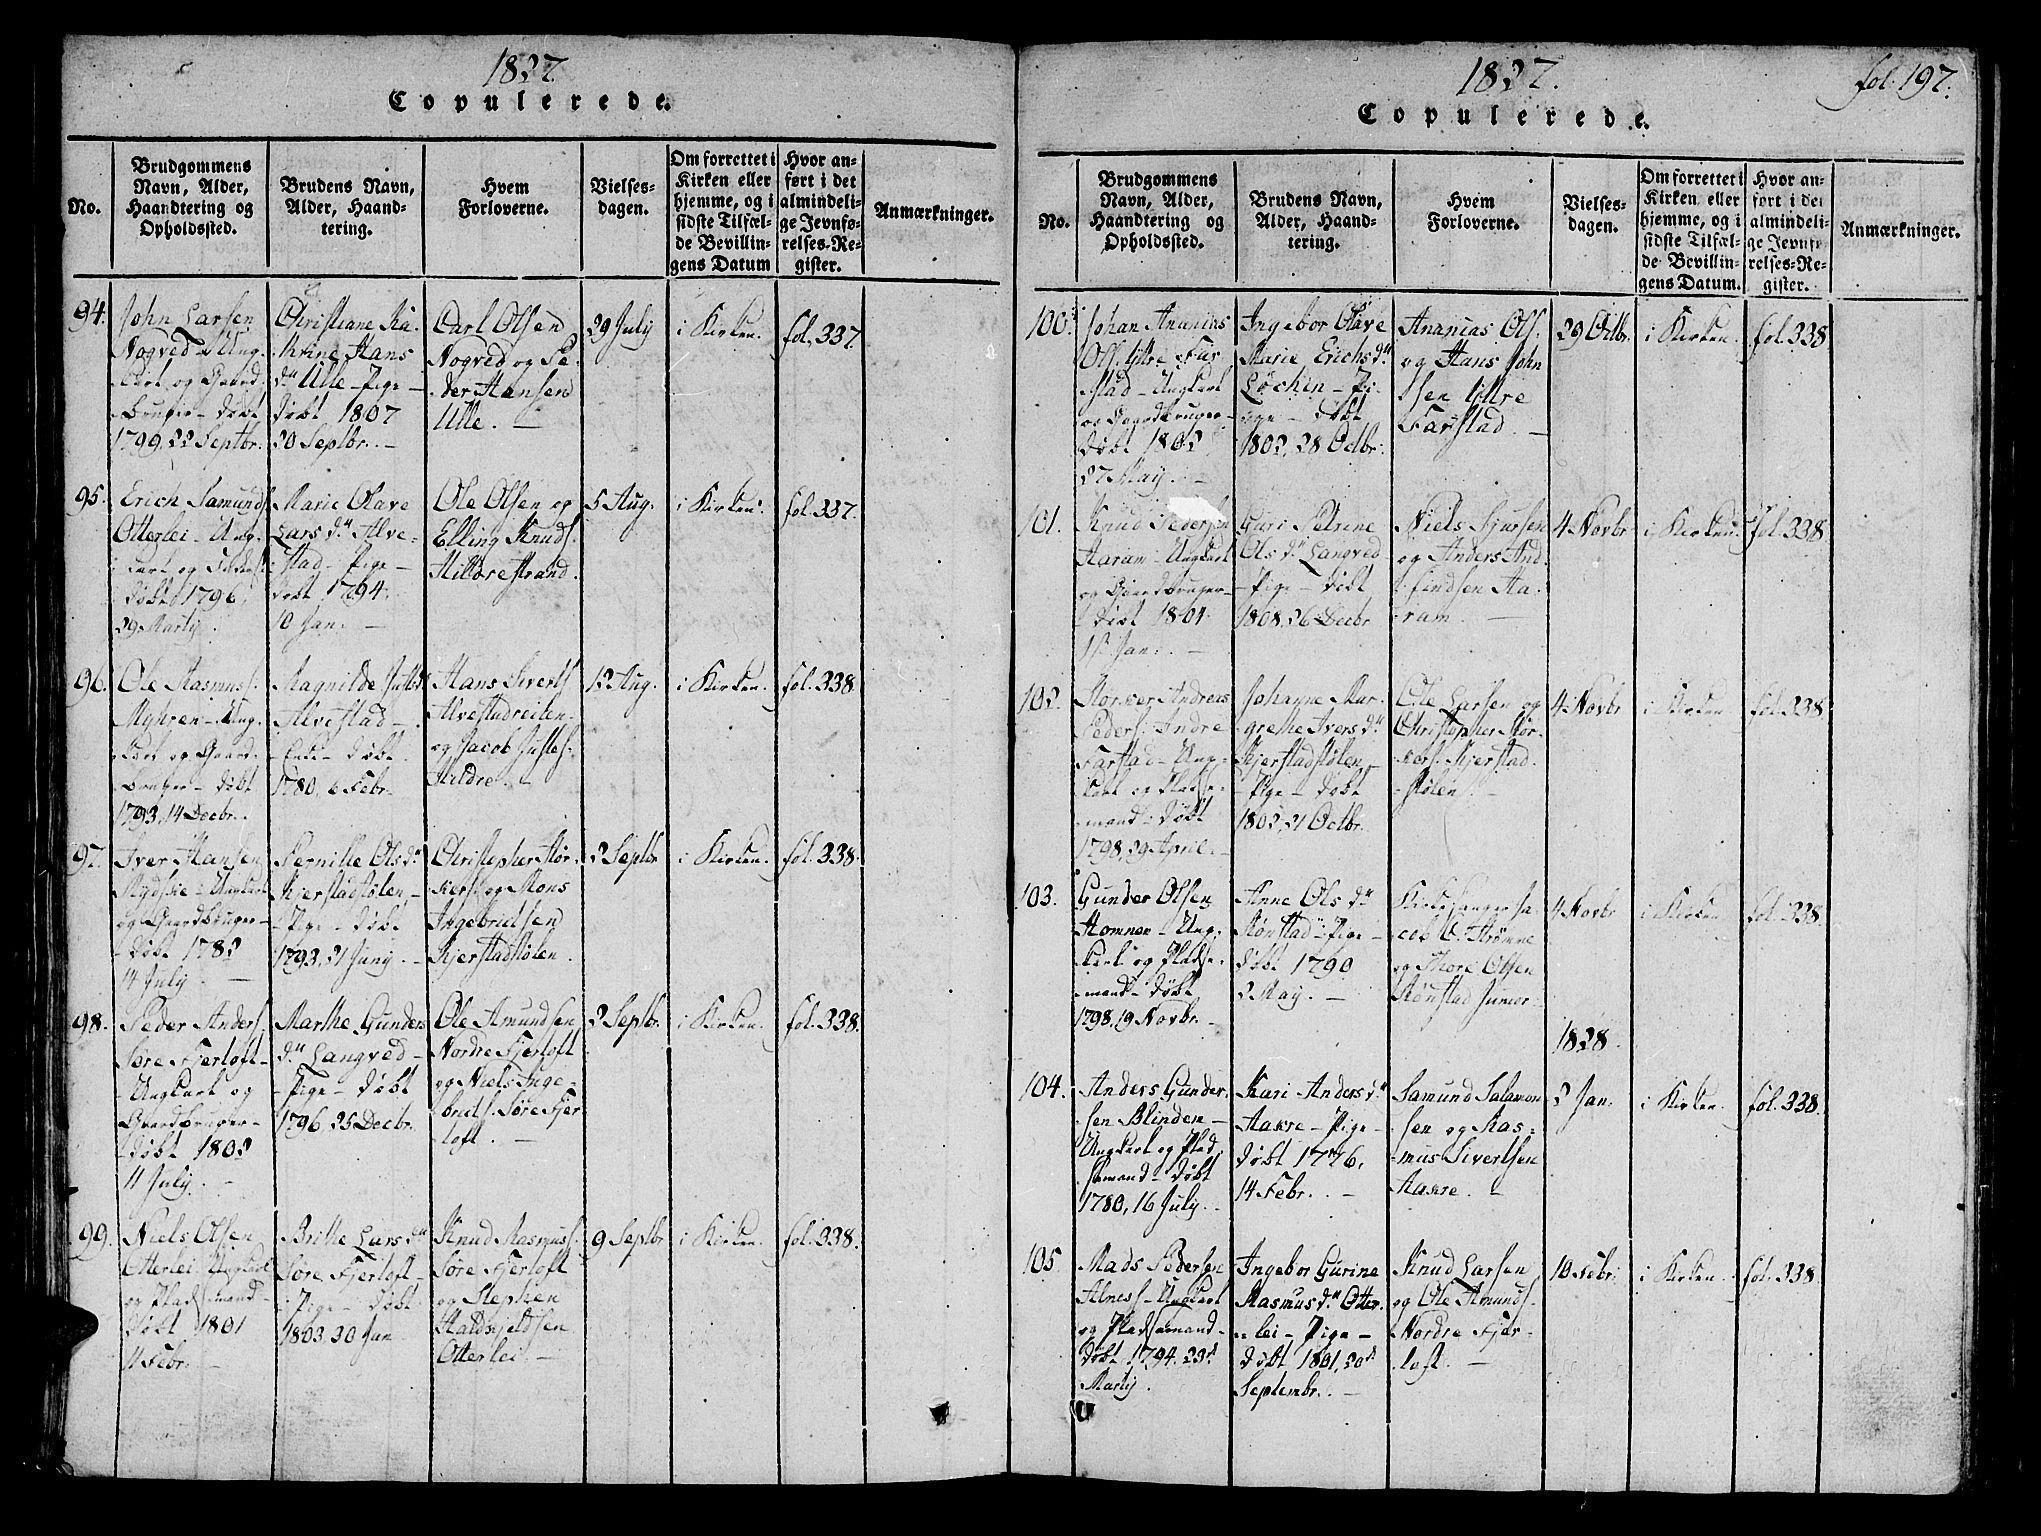 SAT, Ministerialprotokoller, klokkerbøker og fødselsregistre - Møre og Romsdal, 536/L0495: Ministerialbok nr. 536A04, 1818-1847, s. 197